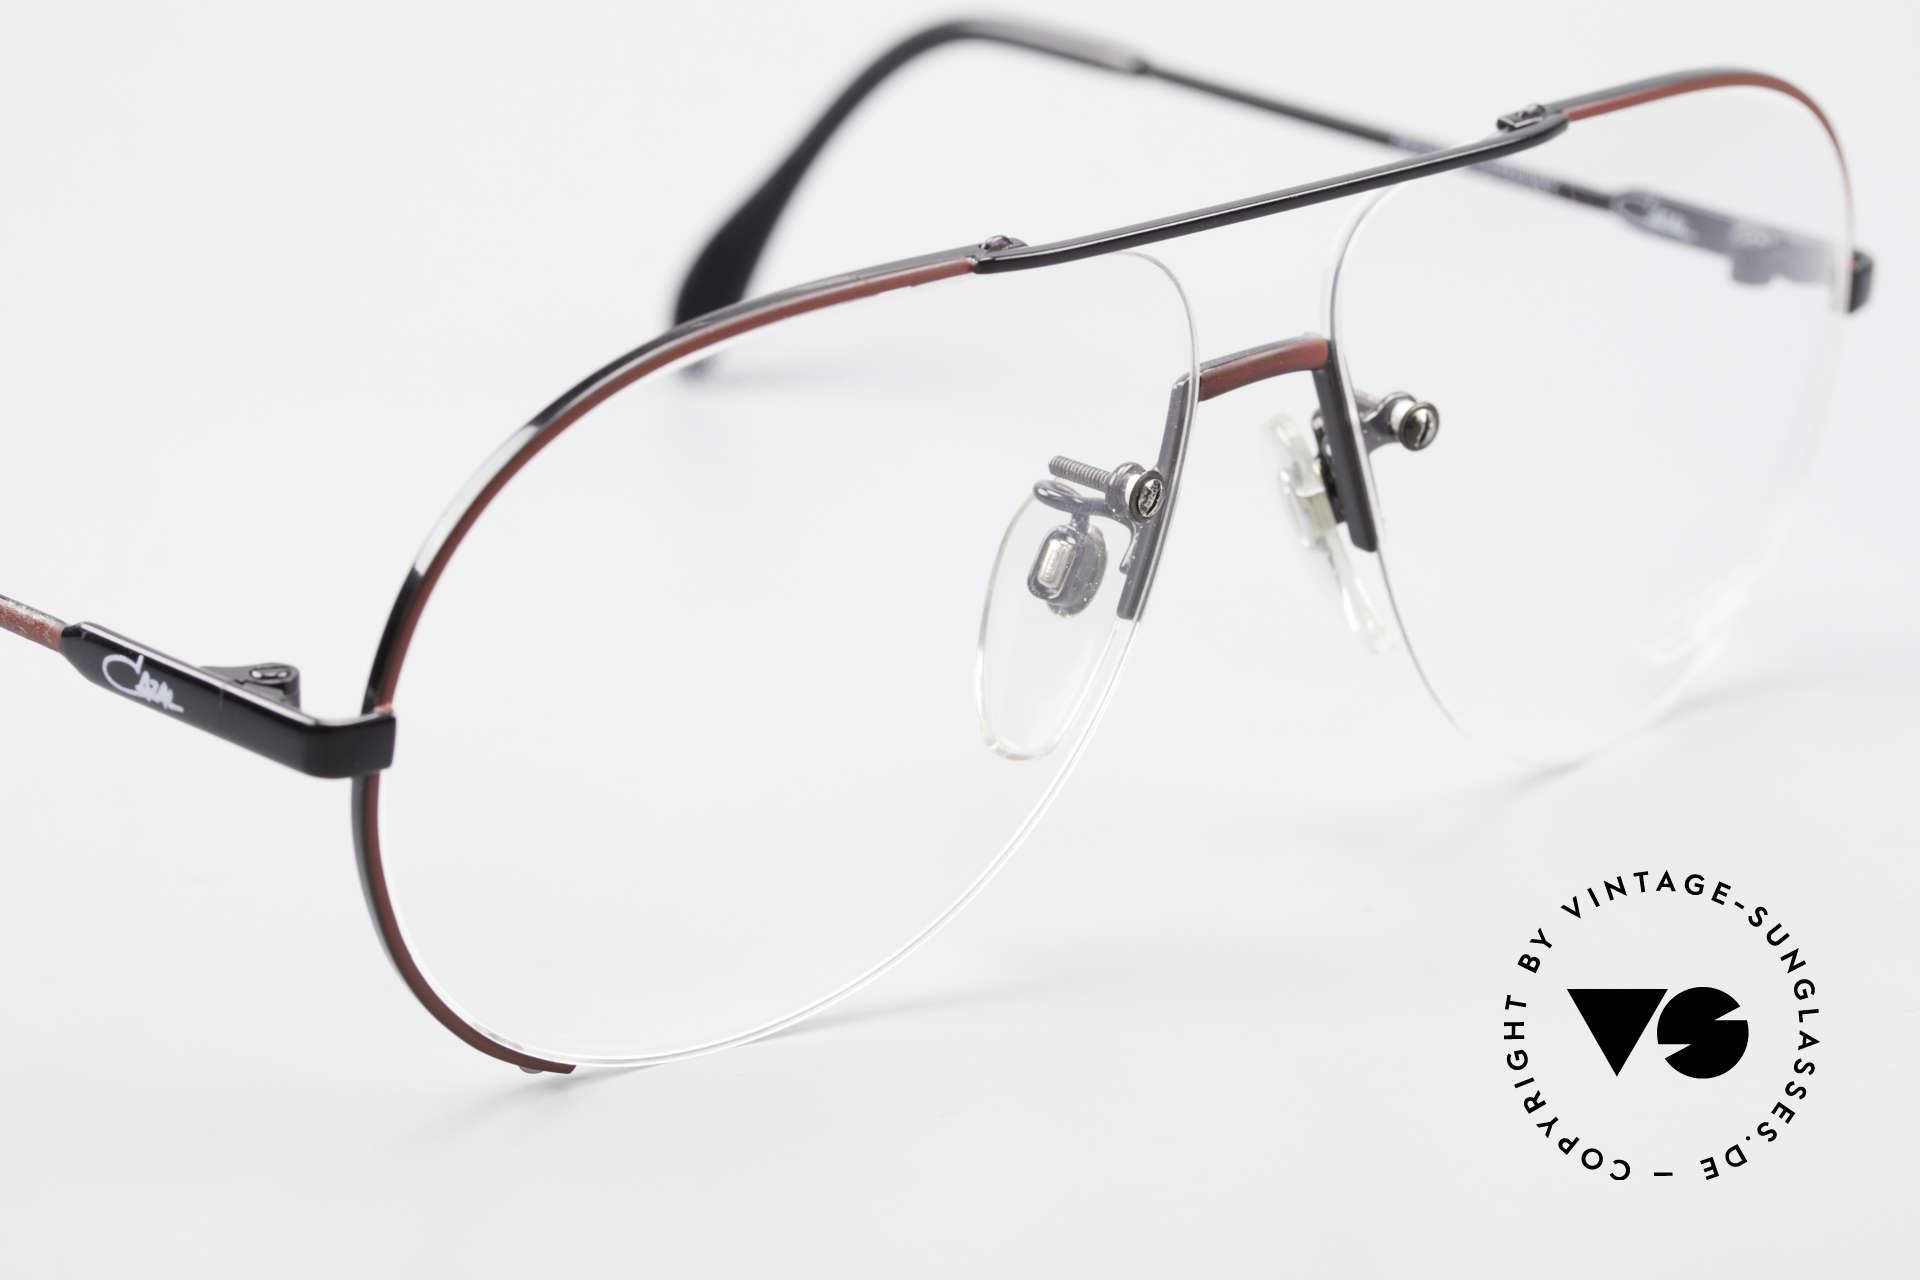 Cazal 723 Randlose 80er Pilotenbrille, ungetragen (wie alle unsere vintage 80er Brillen), Passend für Herren